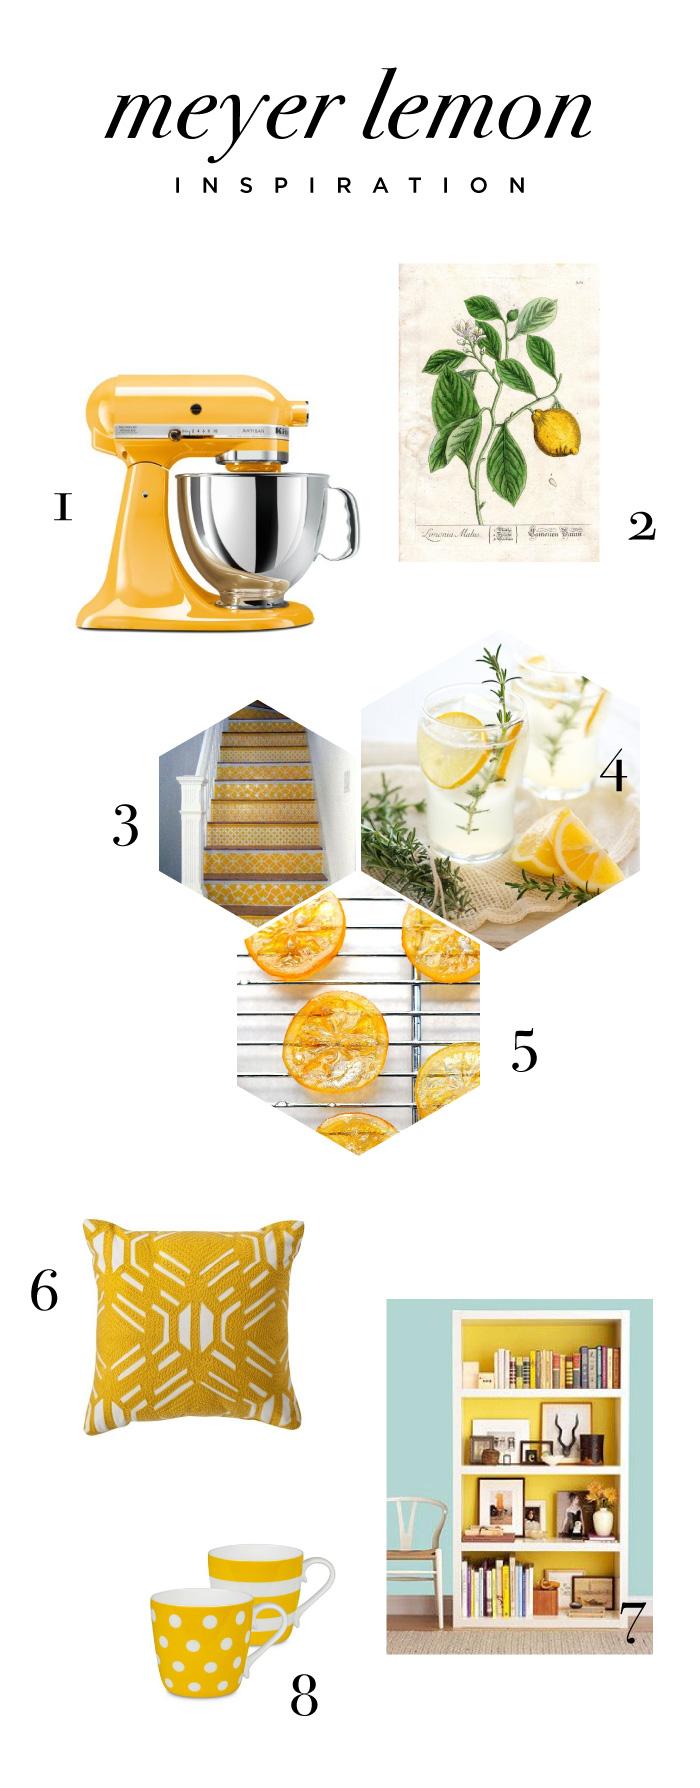 Meyer-Lemon-Inspiration